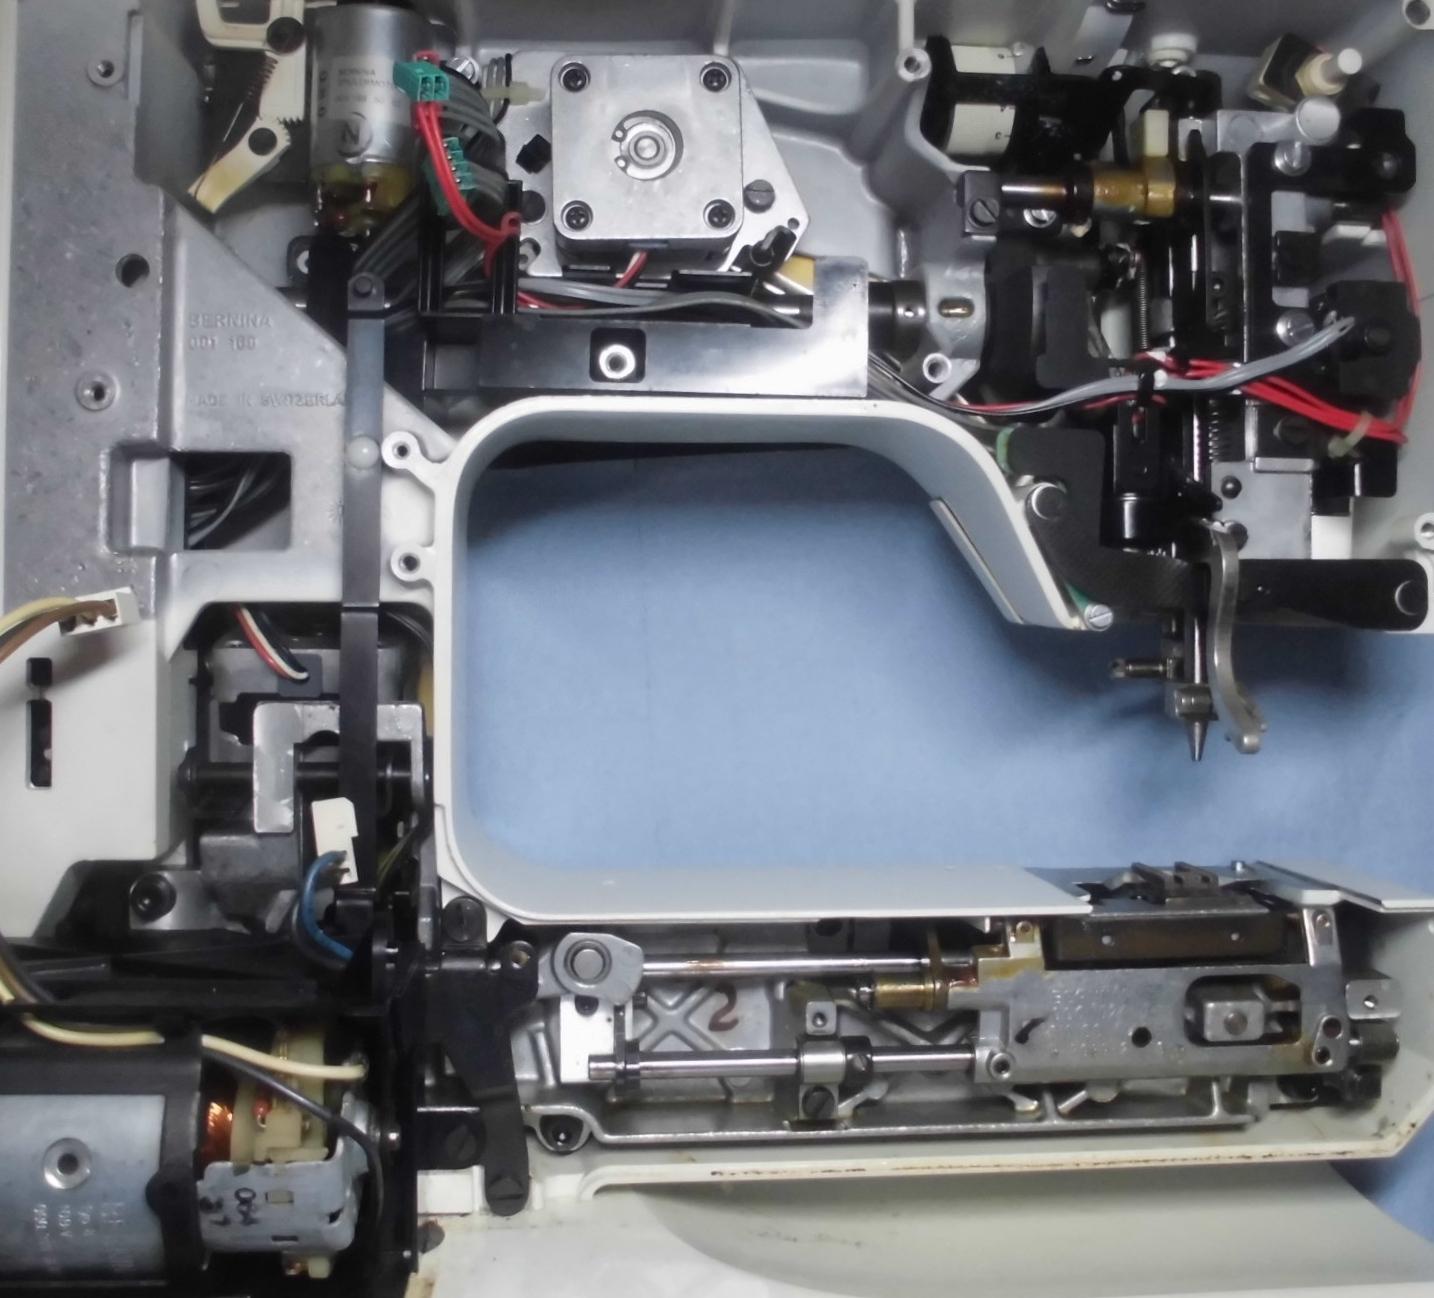 ホリデーヌ1240の分解オーバーホールメンテナンス|ベルニナミシン・リッカーミシン